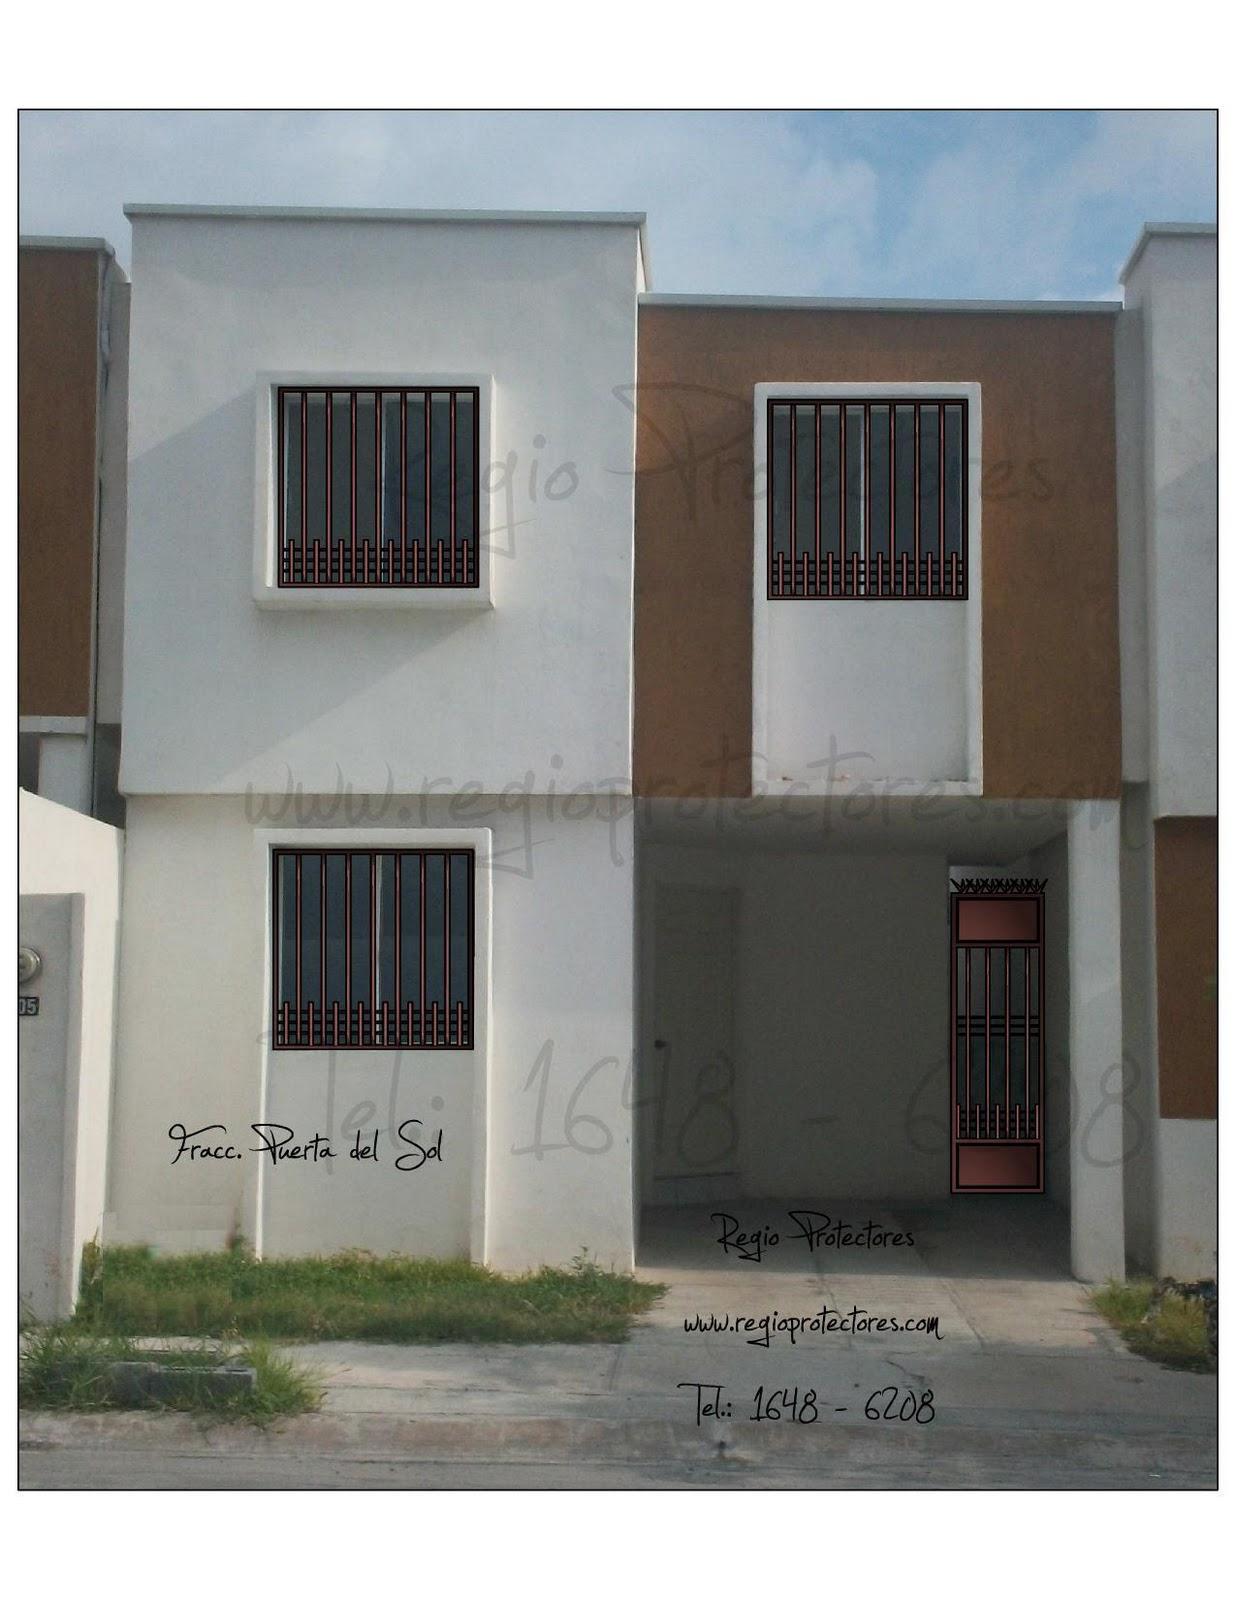 Puertas y ventanas blindadas para mayor seguridad ideas for Puertas blindadas